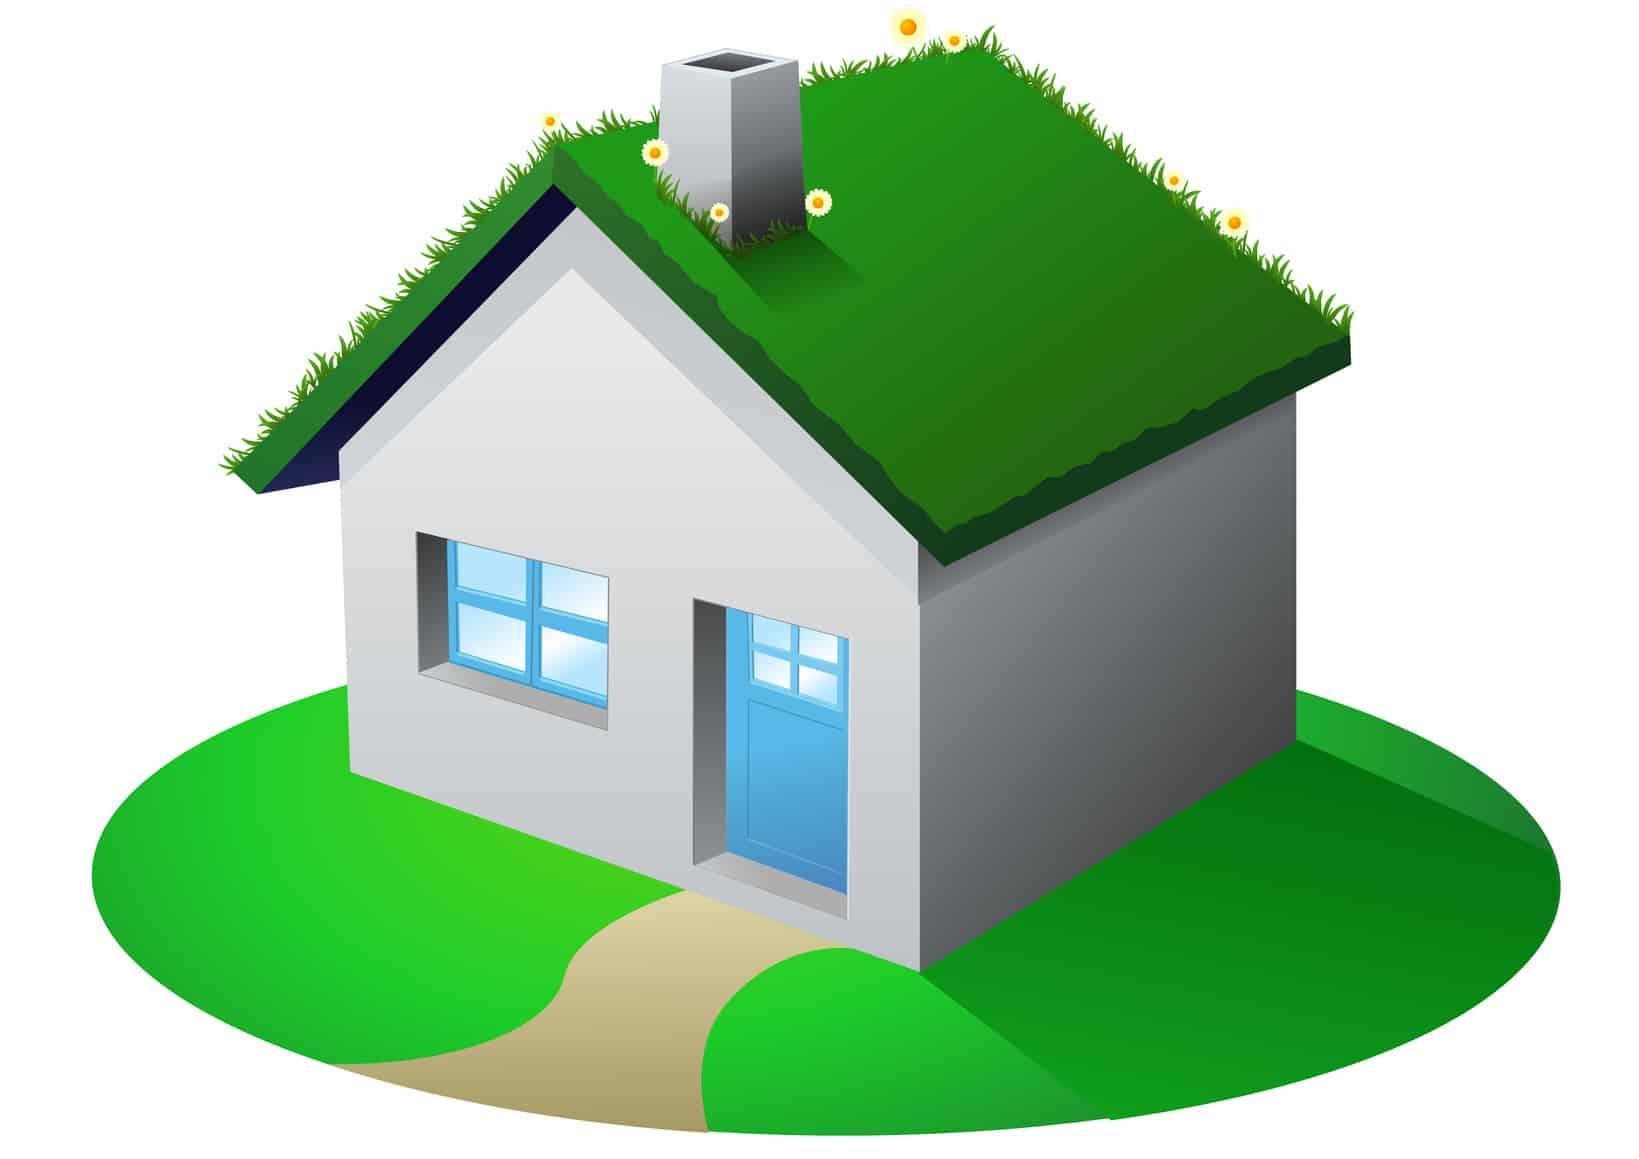 Le prix d 39 une toiture v g talis e au m2 les tarifs et devis for Tarif maison individuelle